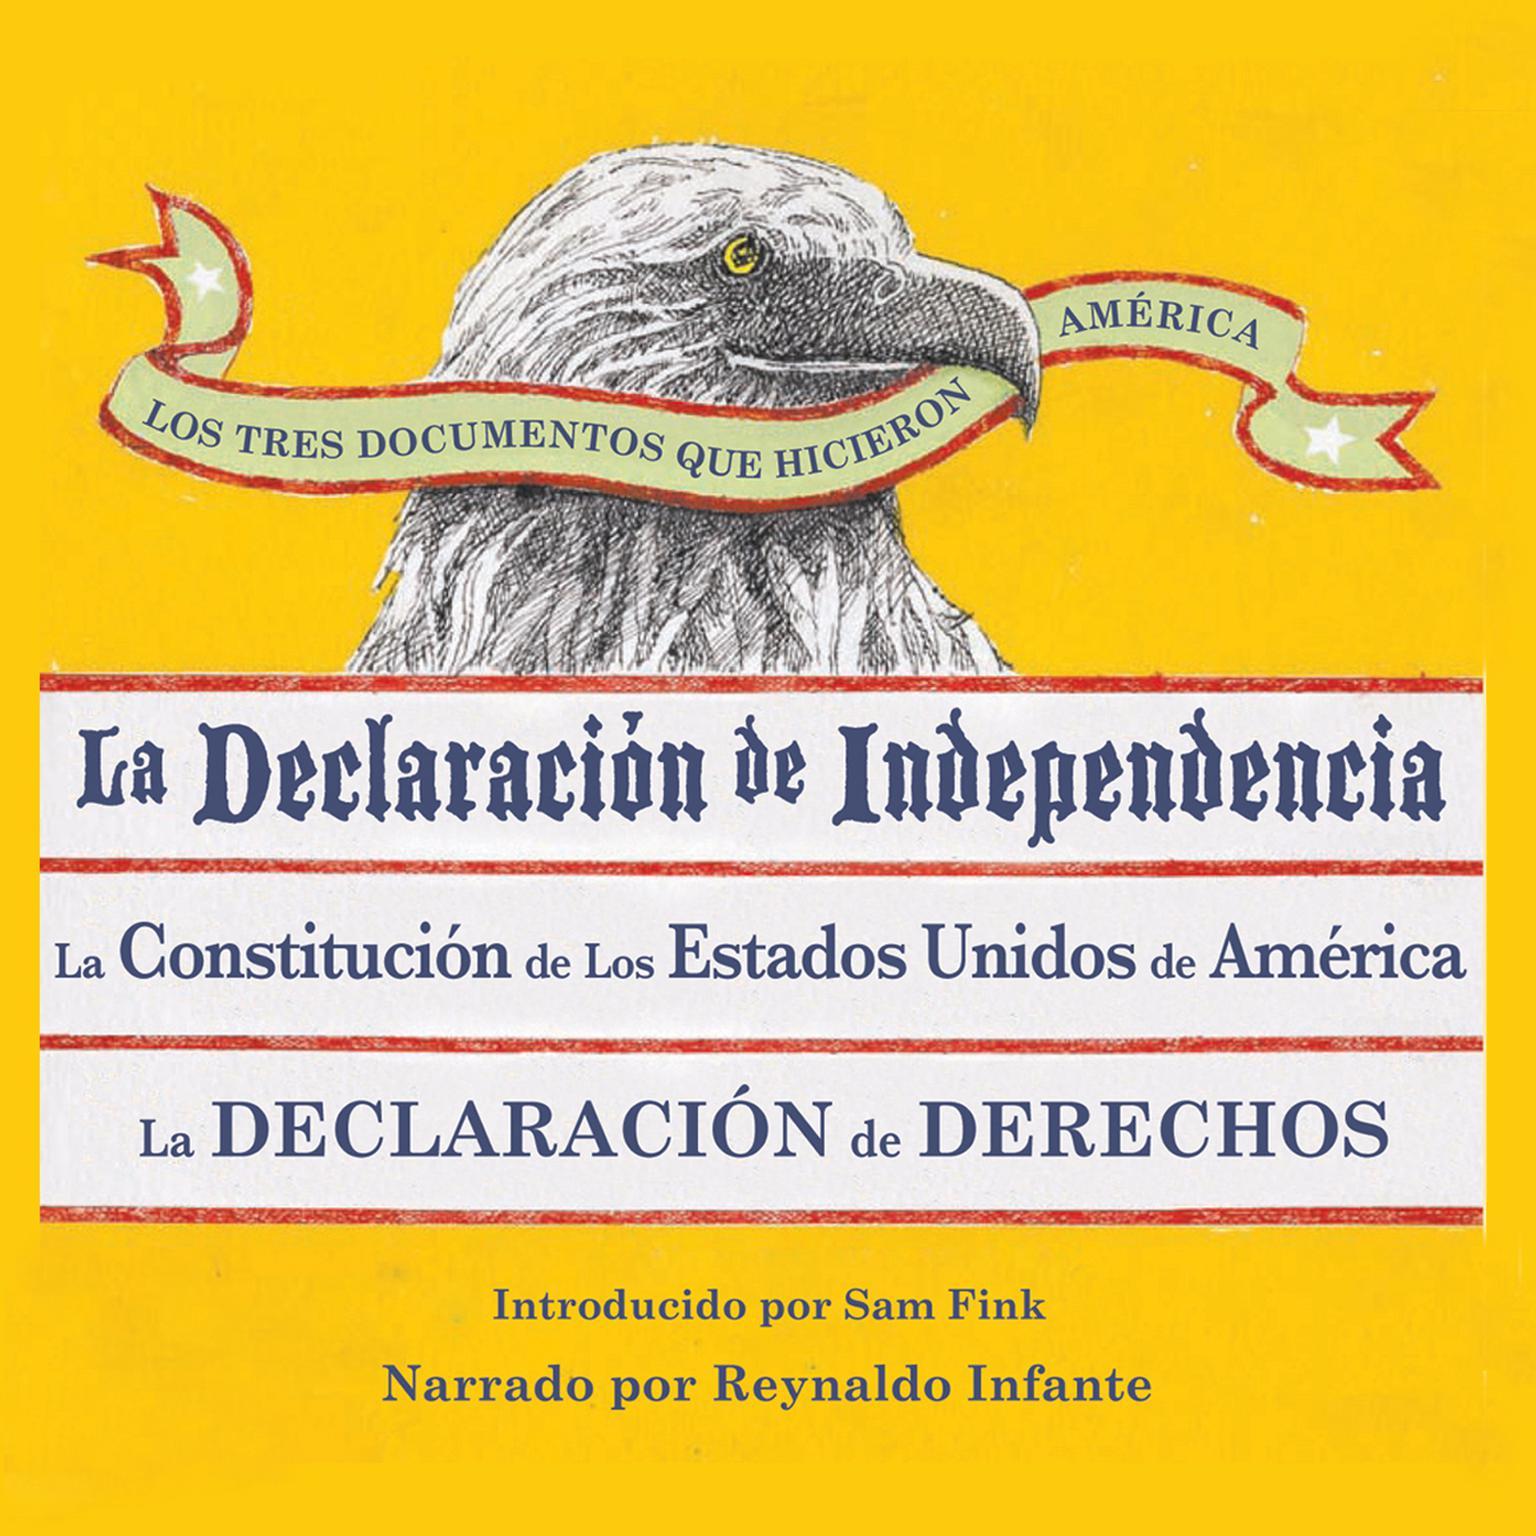 Printable Los Tres Documentos que Hicieron América [The Three Documents That Made America, in Spanish]: La Declaración de Independencia, La Constitución de los Estados Unidos, y La Carta de Derechos Audiobook Cover Art